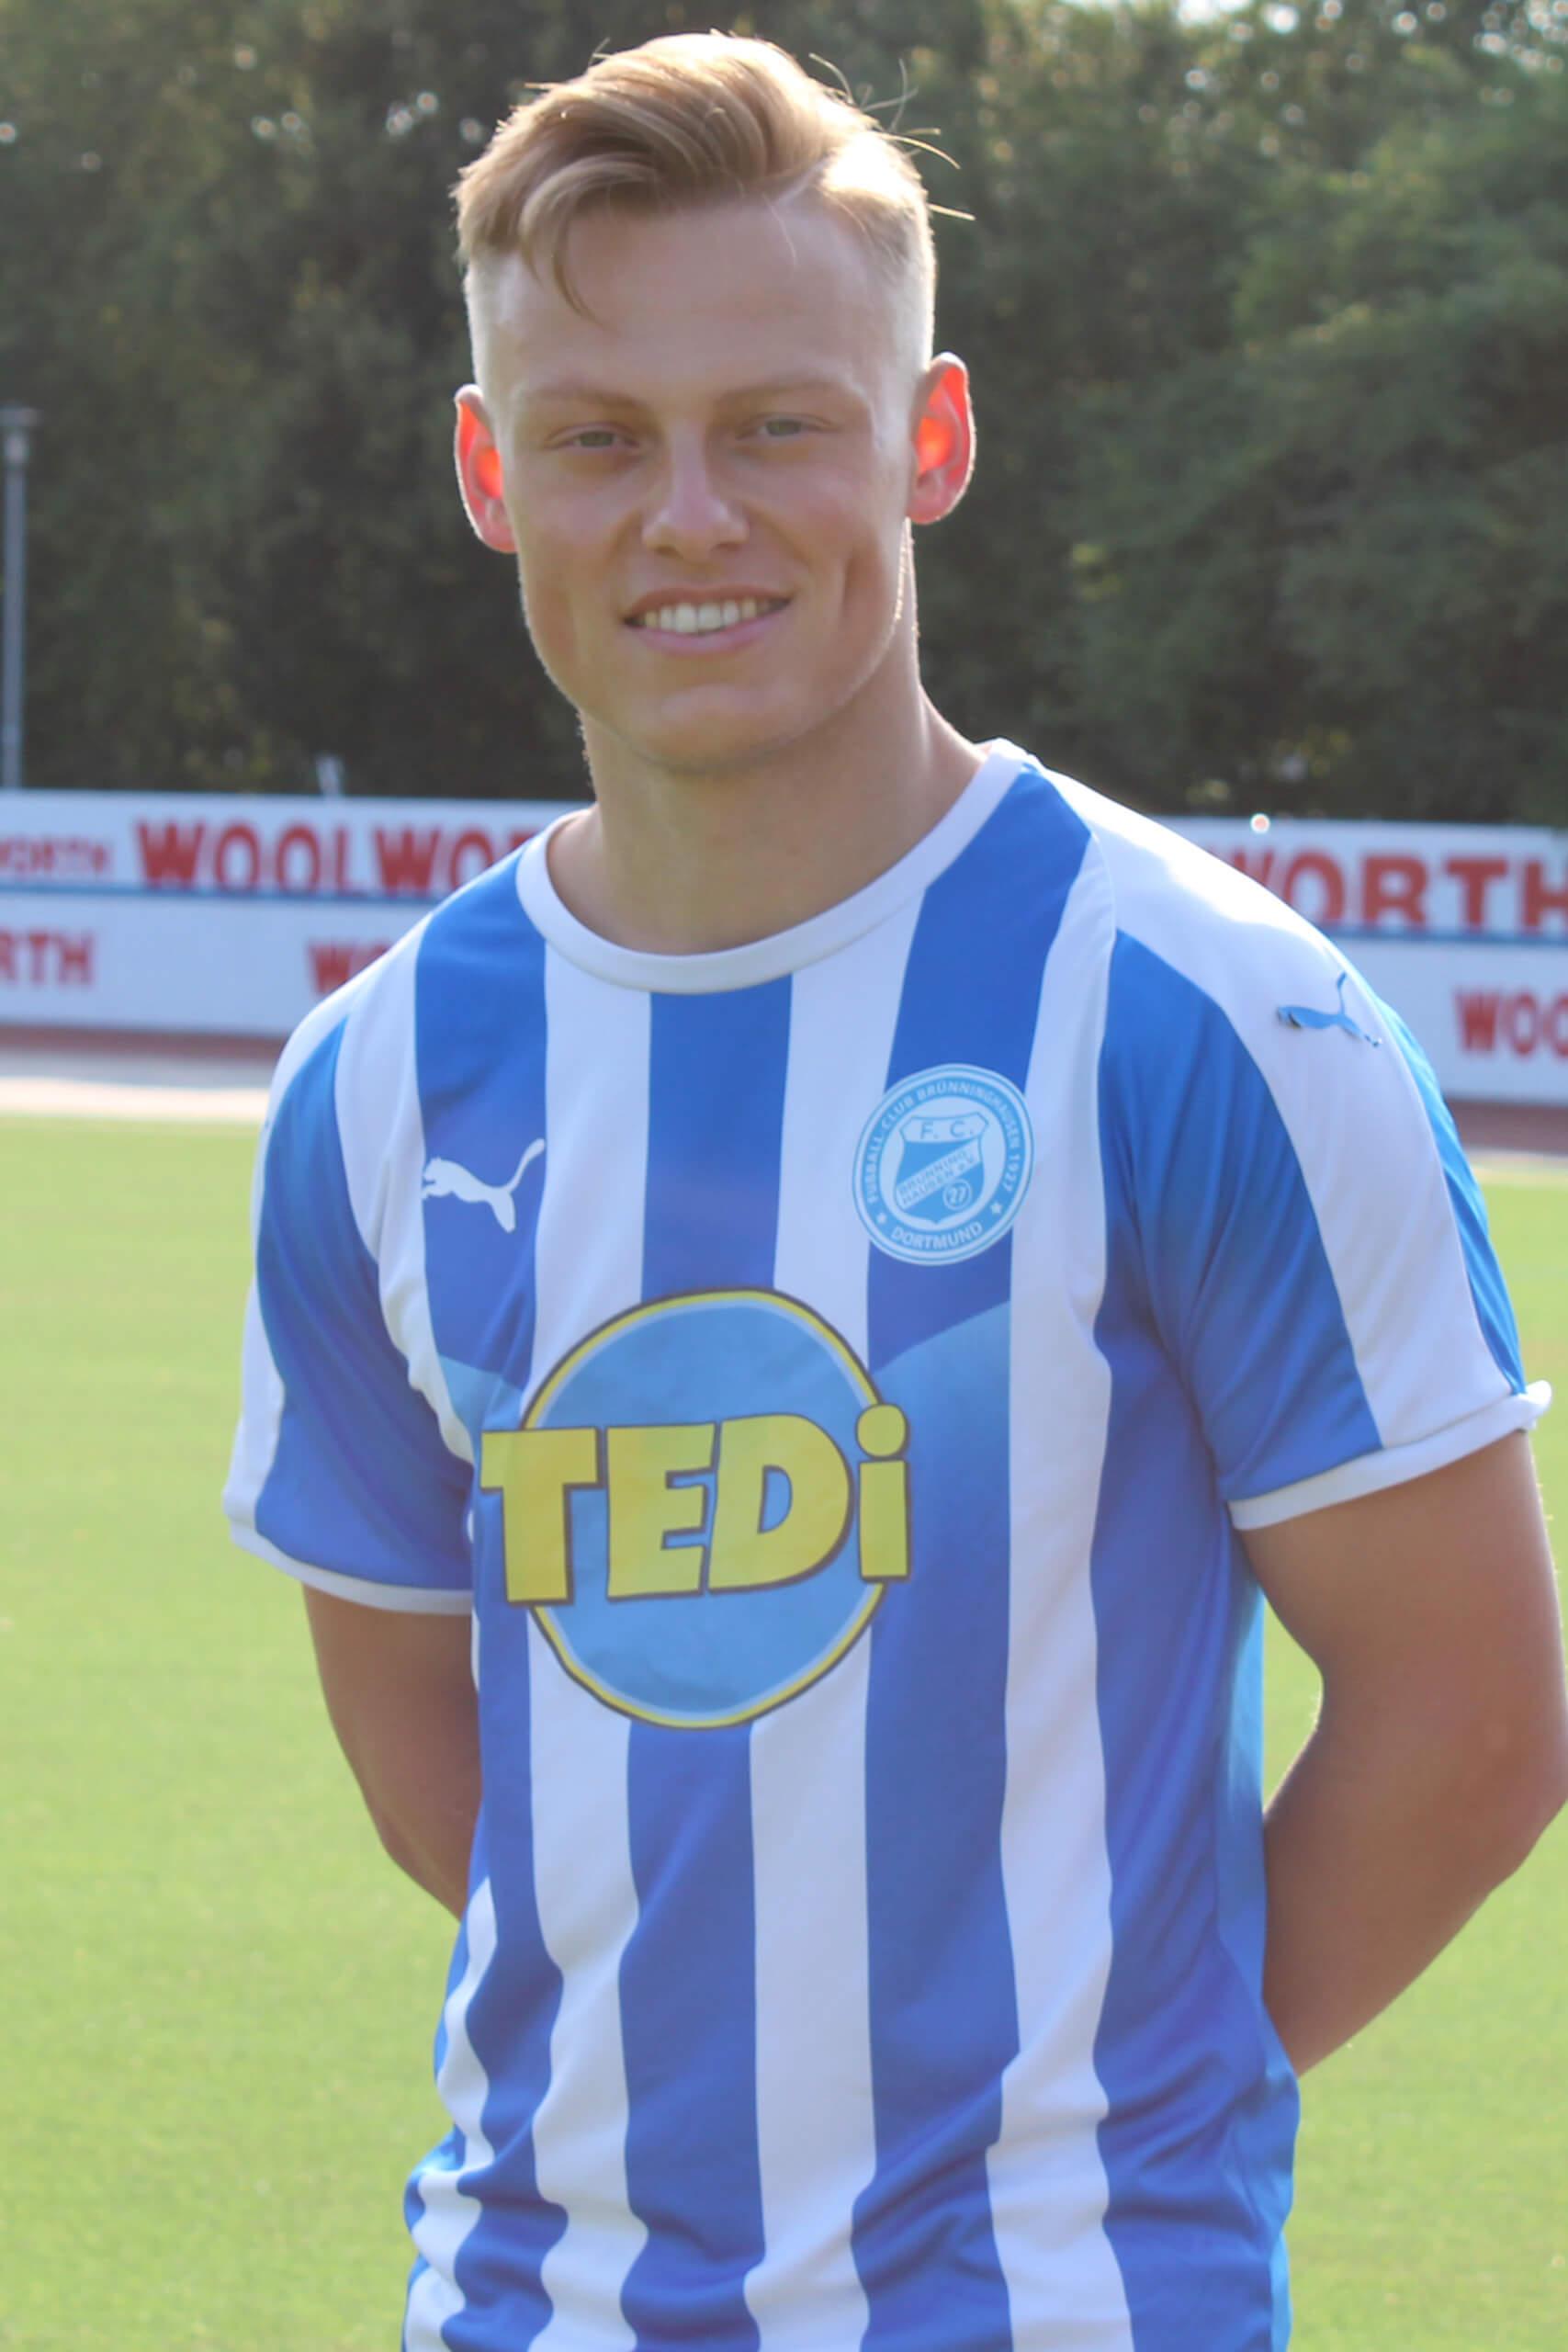 Jonas Telschow